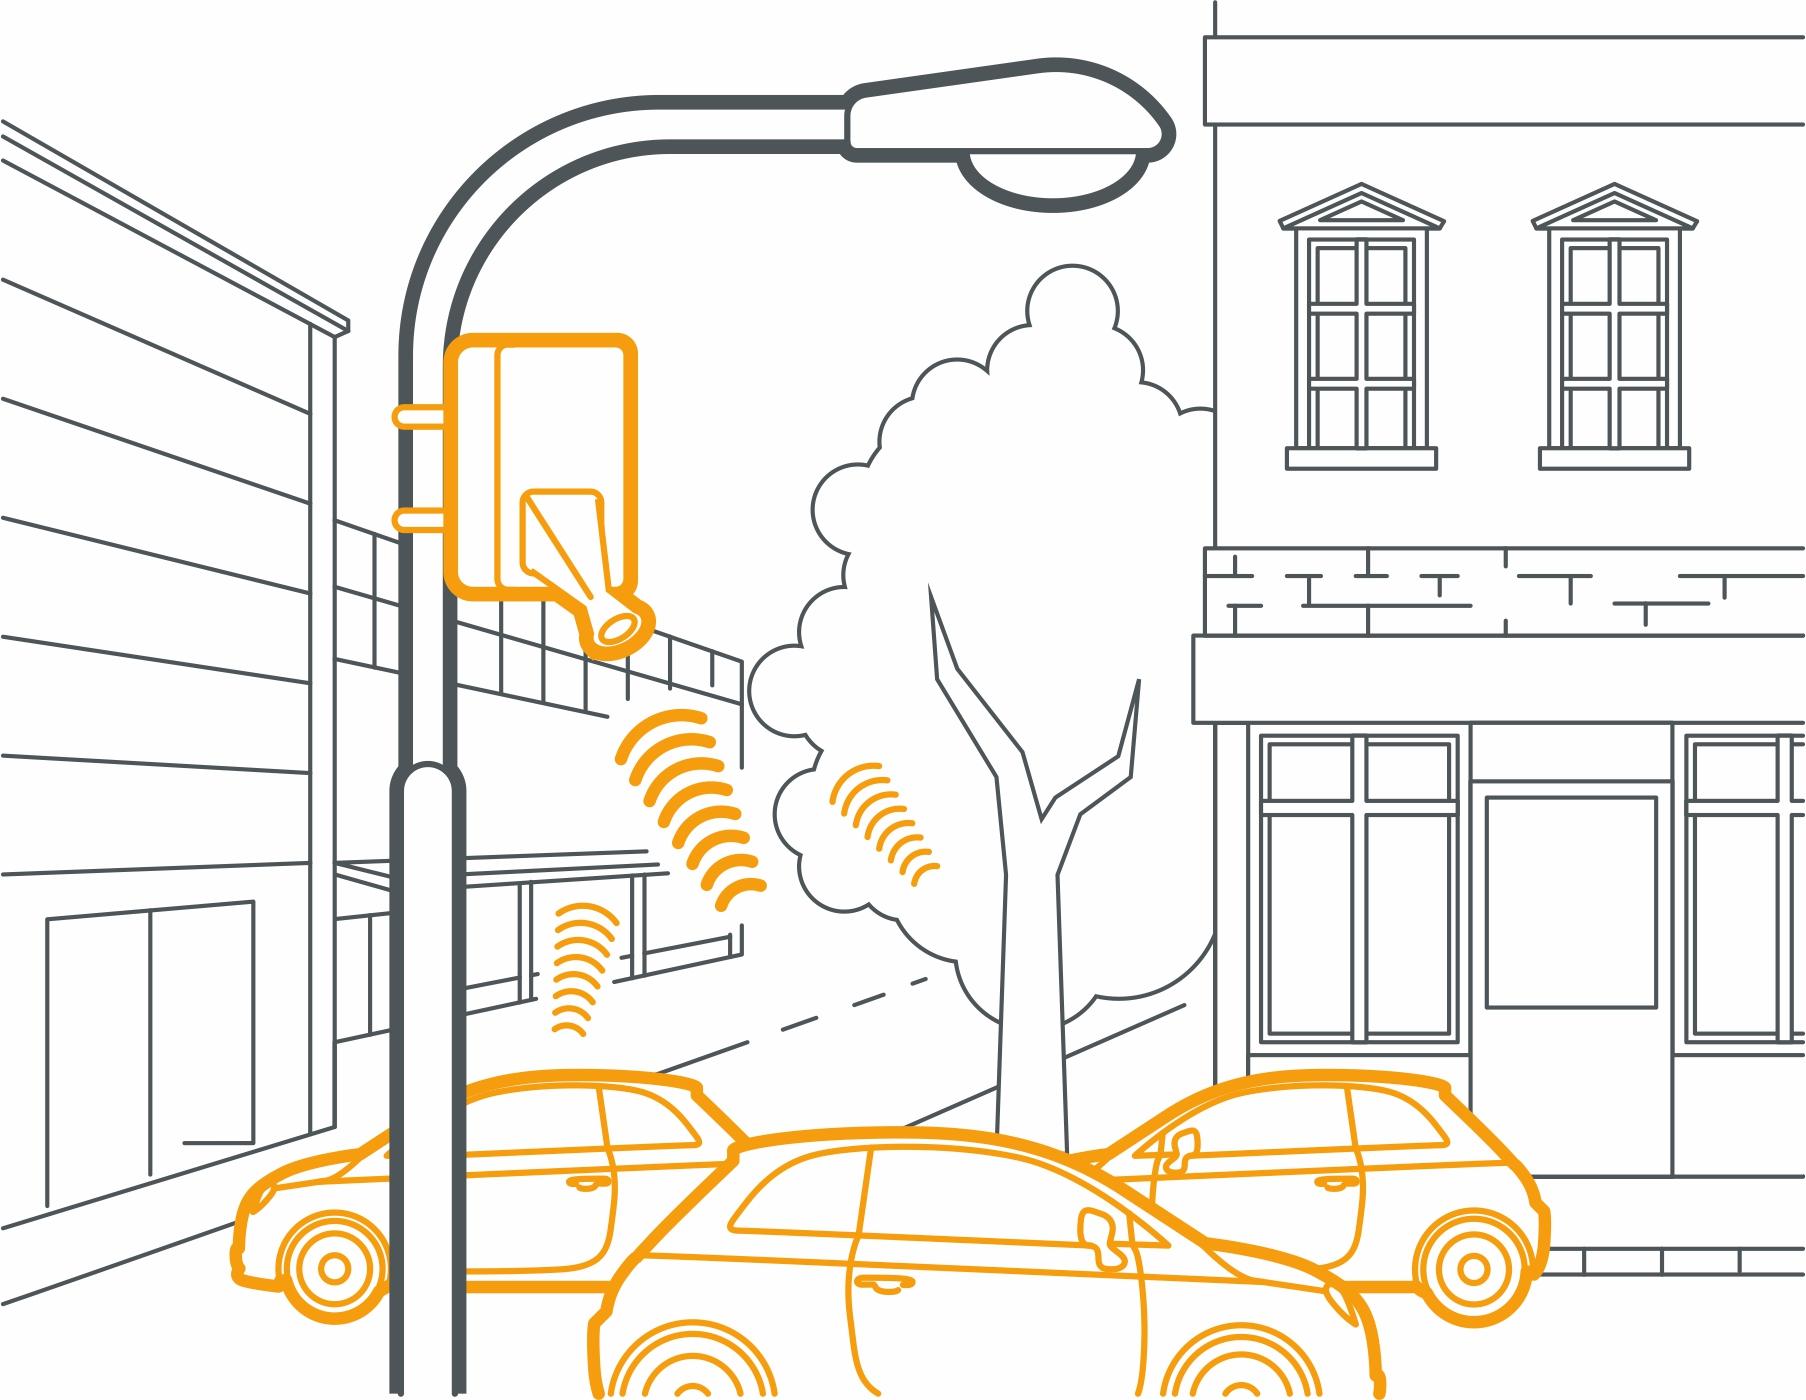 Měření hluku pomocí hlukoměru TENOI - město Litoměřice